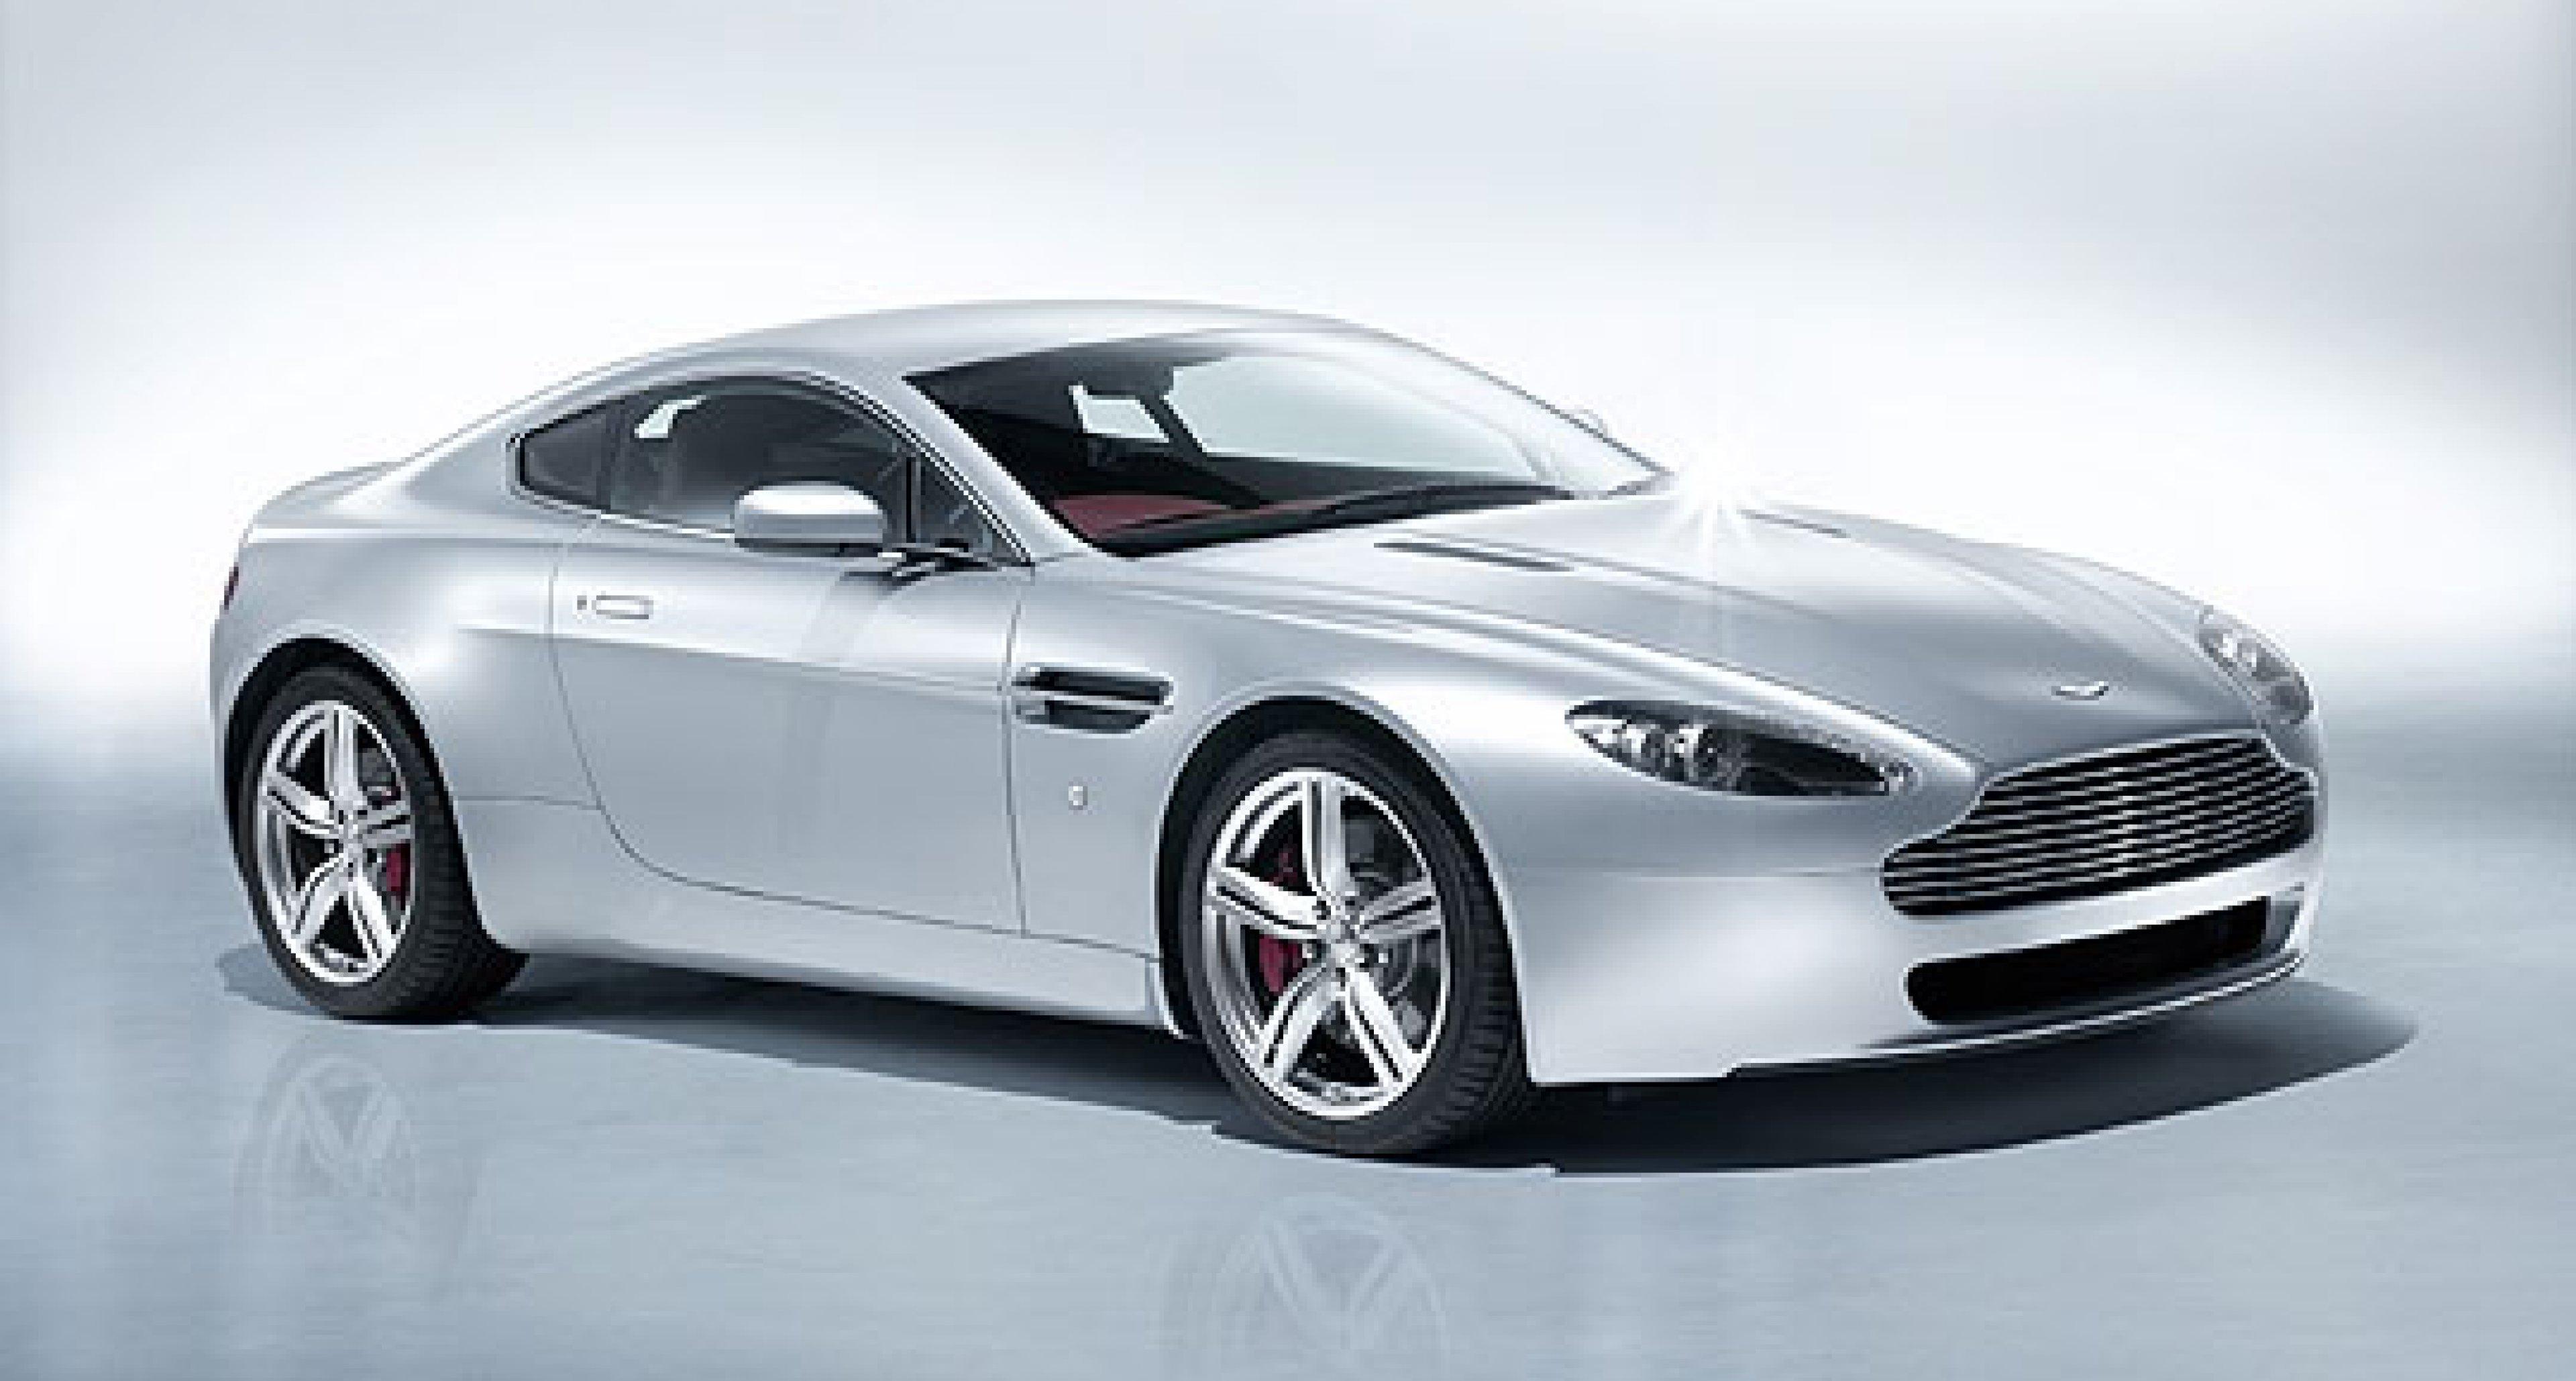 Aston Martin V8 Vantage: Leistungs-Kuren für Motor und Fahrwerk